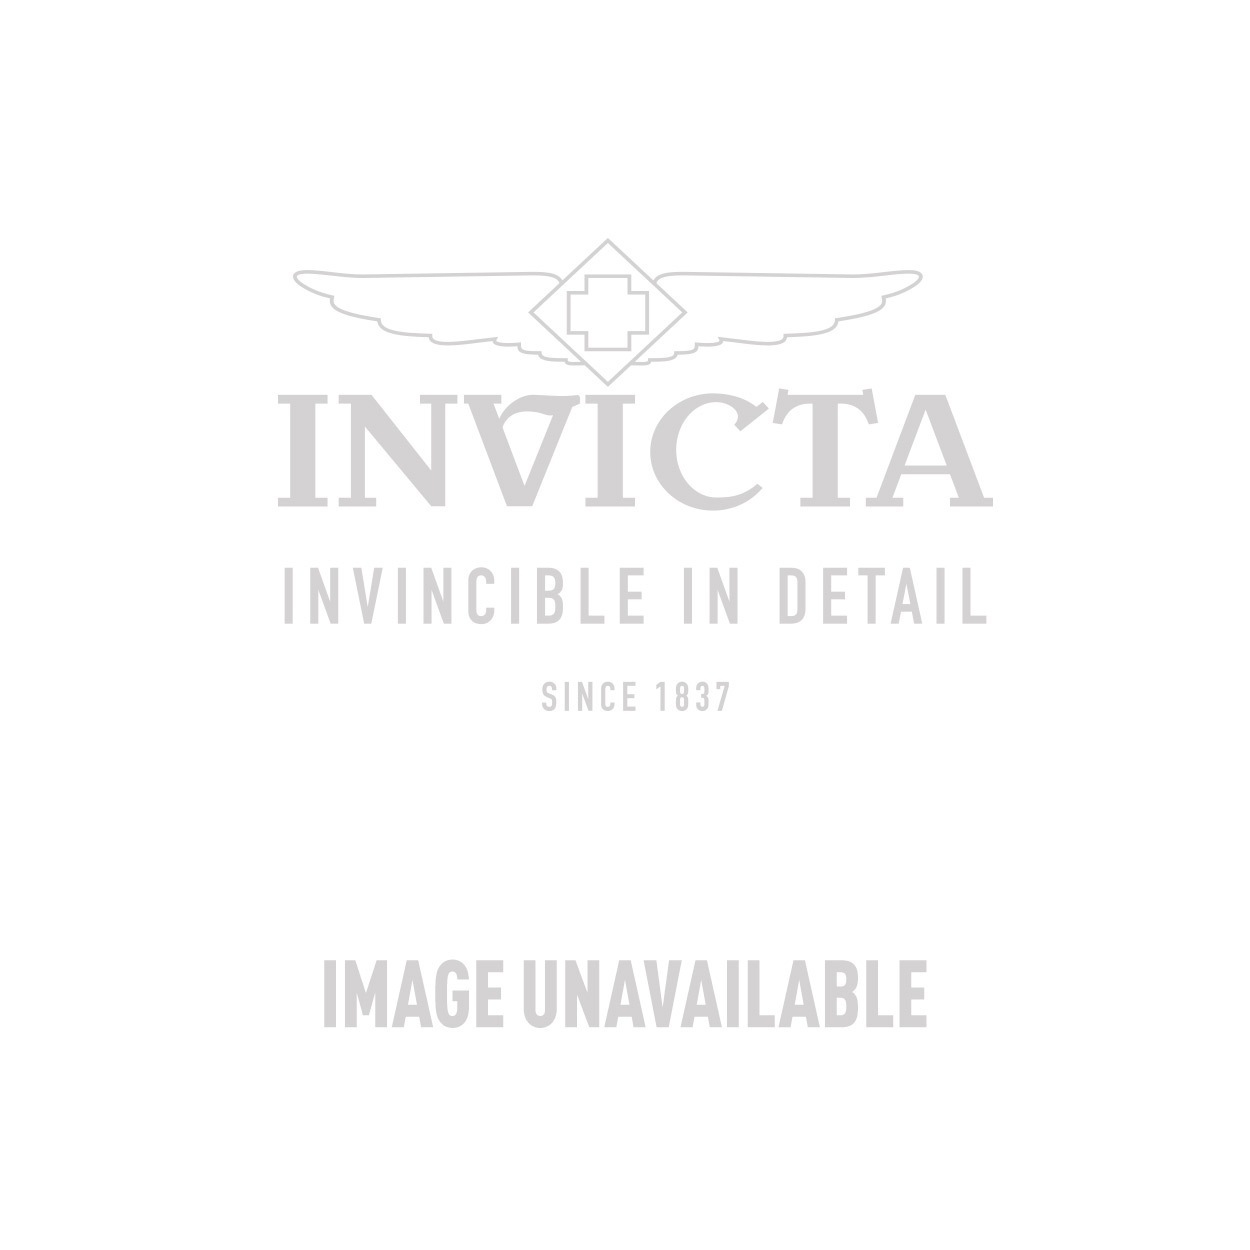 Invicta Model 24881